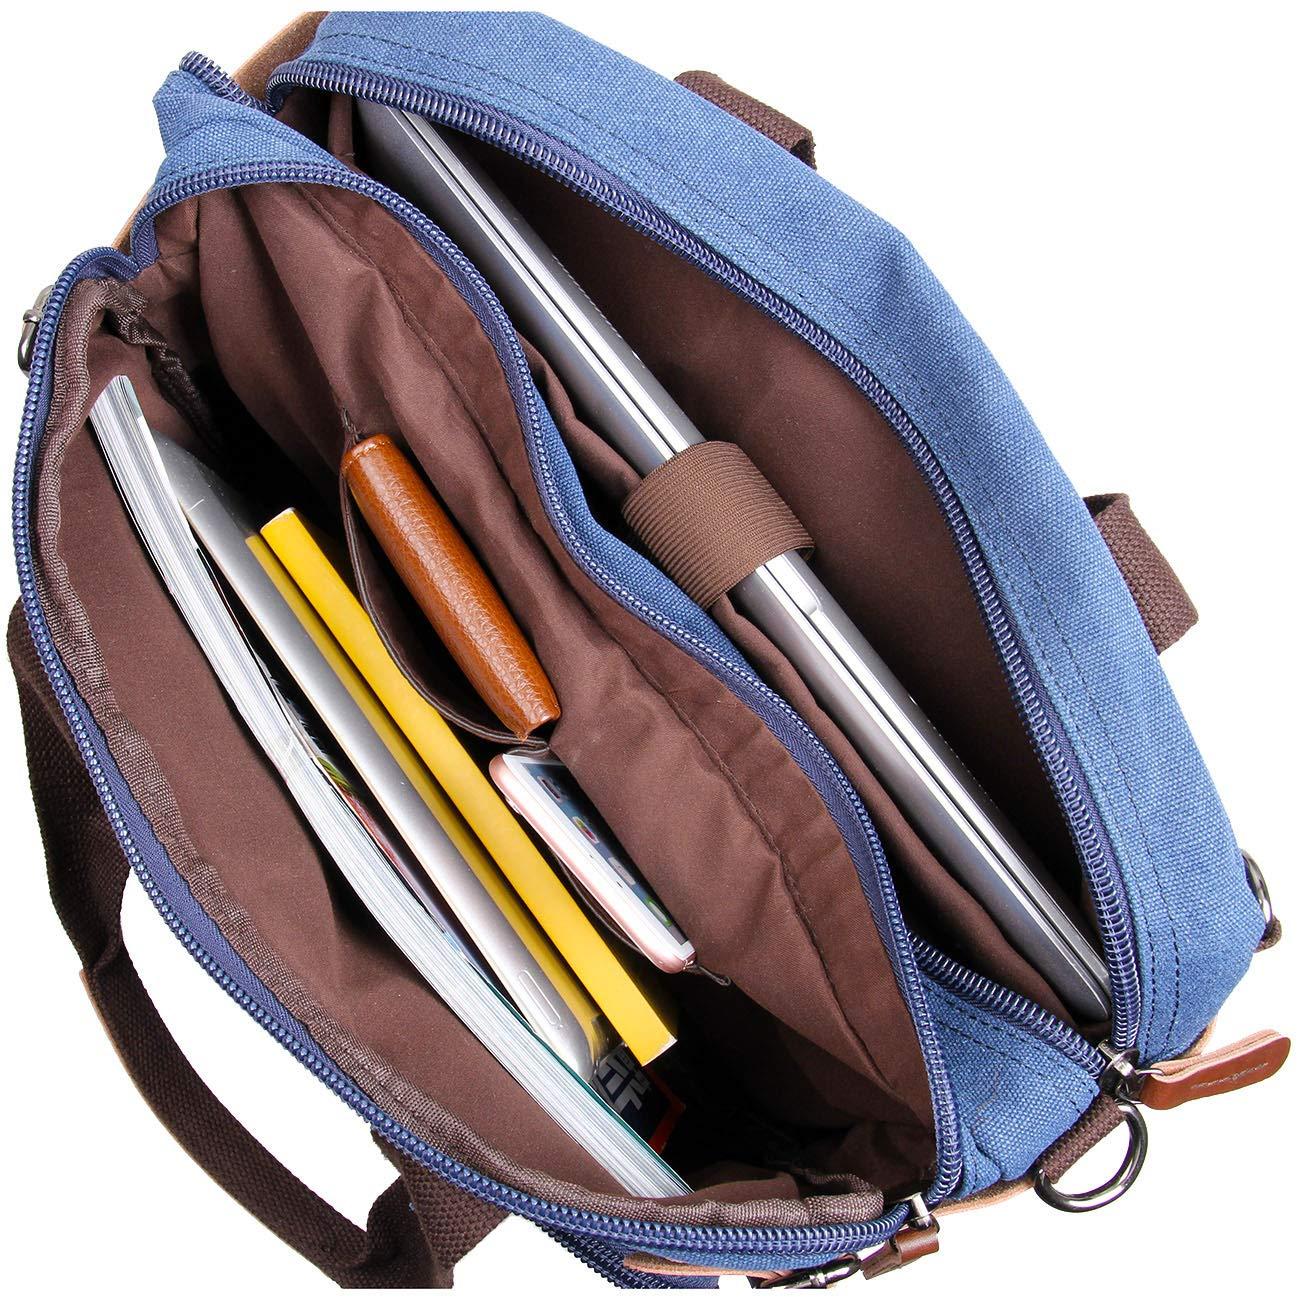 Clean Vintage Laptop Bag Hybrid Backpack Messenger Bag/Convertible Briefcase Backpack Satchel for Men Women- BookBag Rucksack Daypack-Waxed Canvas Leather, Blue by Clean Vintage (Image #6)